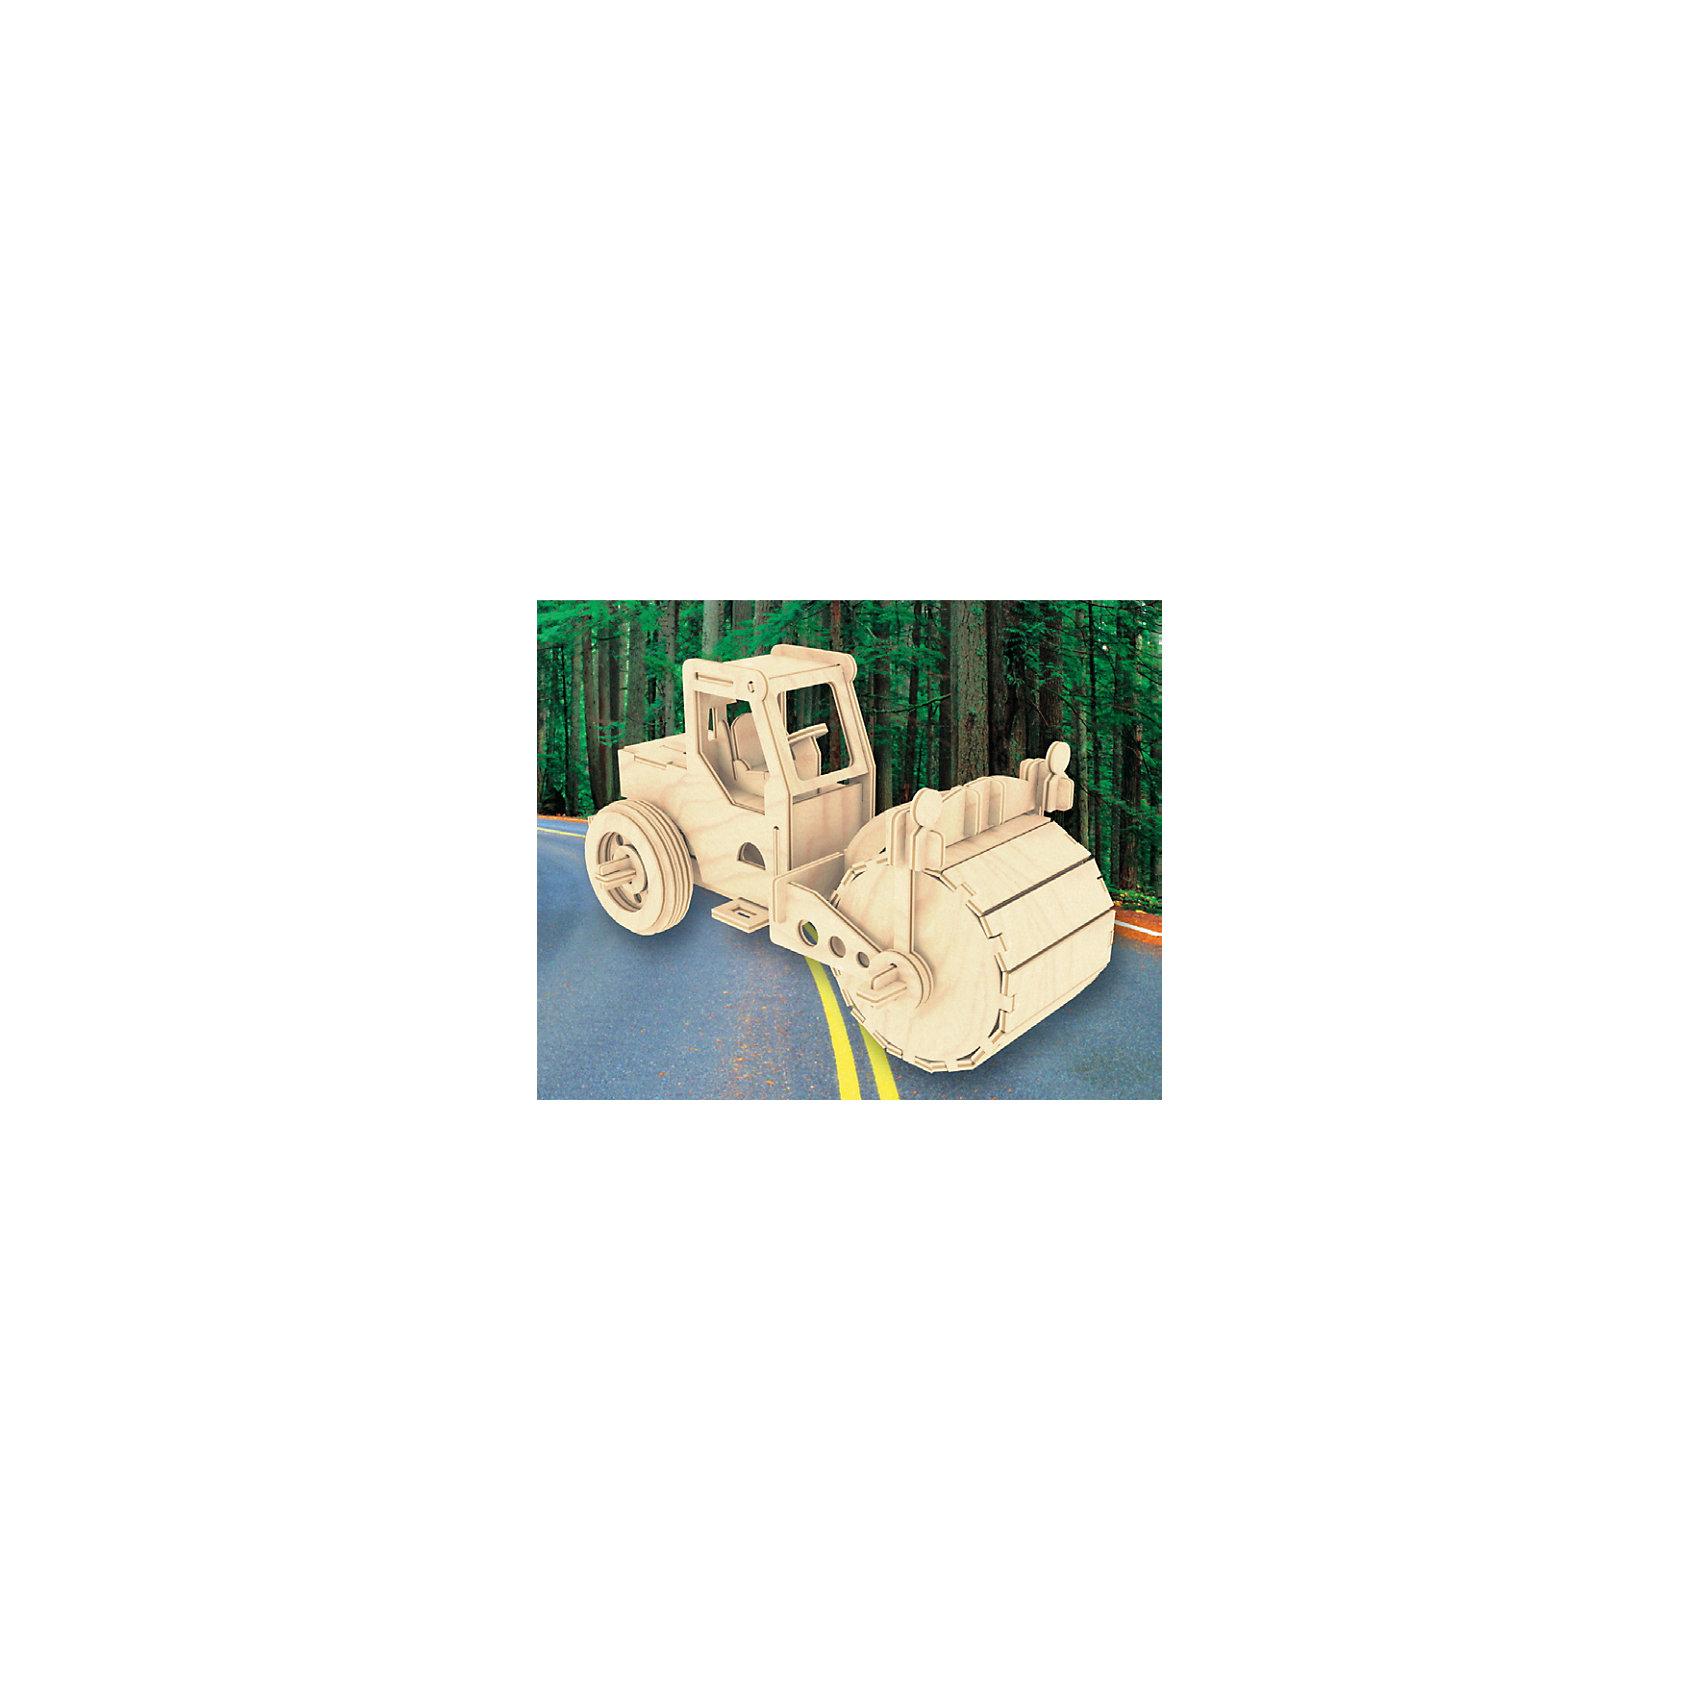 Каток, Мир деревянных игрушекИнтересный вариант подарка для любящего технику творческого ребенка - этот набор, из которого можно самому сделать красивую деревянную фигуру! Для этого нужно выдавить из пластины с деталями элементы для сборки и соединить их. Из наборов получаются красивые очень реалистичные игрушки, которые могут стать украшением комнаты.<br>Собирая их, ребенок будет развивать пространственное мышление, память и мелкую моторику. А раскрашивая готовое произведение, дети научатся подбирать цвета и будут развивать художественные навыки. Этот набор произведен из качественных и безопасных для детей материалов - дерево тщательно обработано.<br><br>Дополнительная информация:<br><br>материал: дерево;<br>цвет: бежевый;<br>элементы: пластины с деталями для сборки, схема сборки;<br>размер упаковки: 23 х 37 см.<br><br>3D-пазл Каток от бренда Мир деревянных игрушек можно купить в нашем магазине.<br><br>Ширина мм: 350<br>Глубина мм: 50<br>Высота мм: 225<br>Вес г: 450<br>Возраст от месяцев: 36<br>Возраст до месяцев: 144<br>Пол: Мужской<br>Возраст: Детский<br>SKU: 4969112